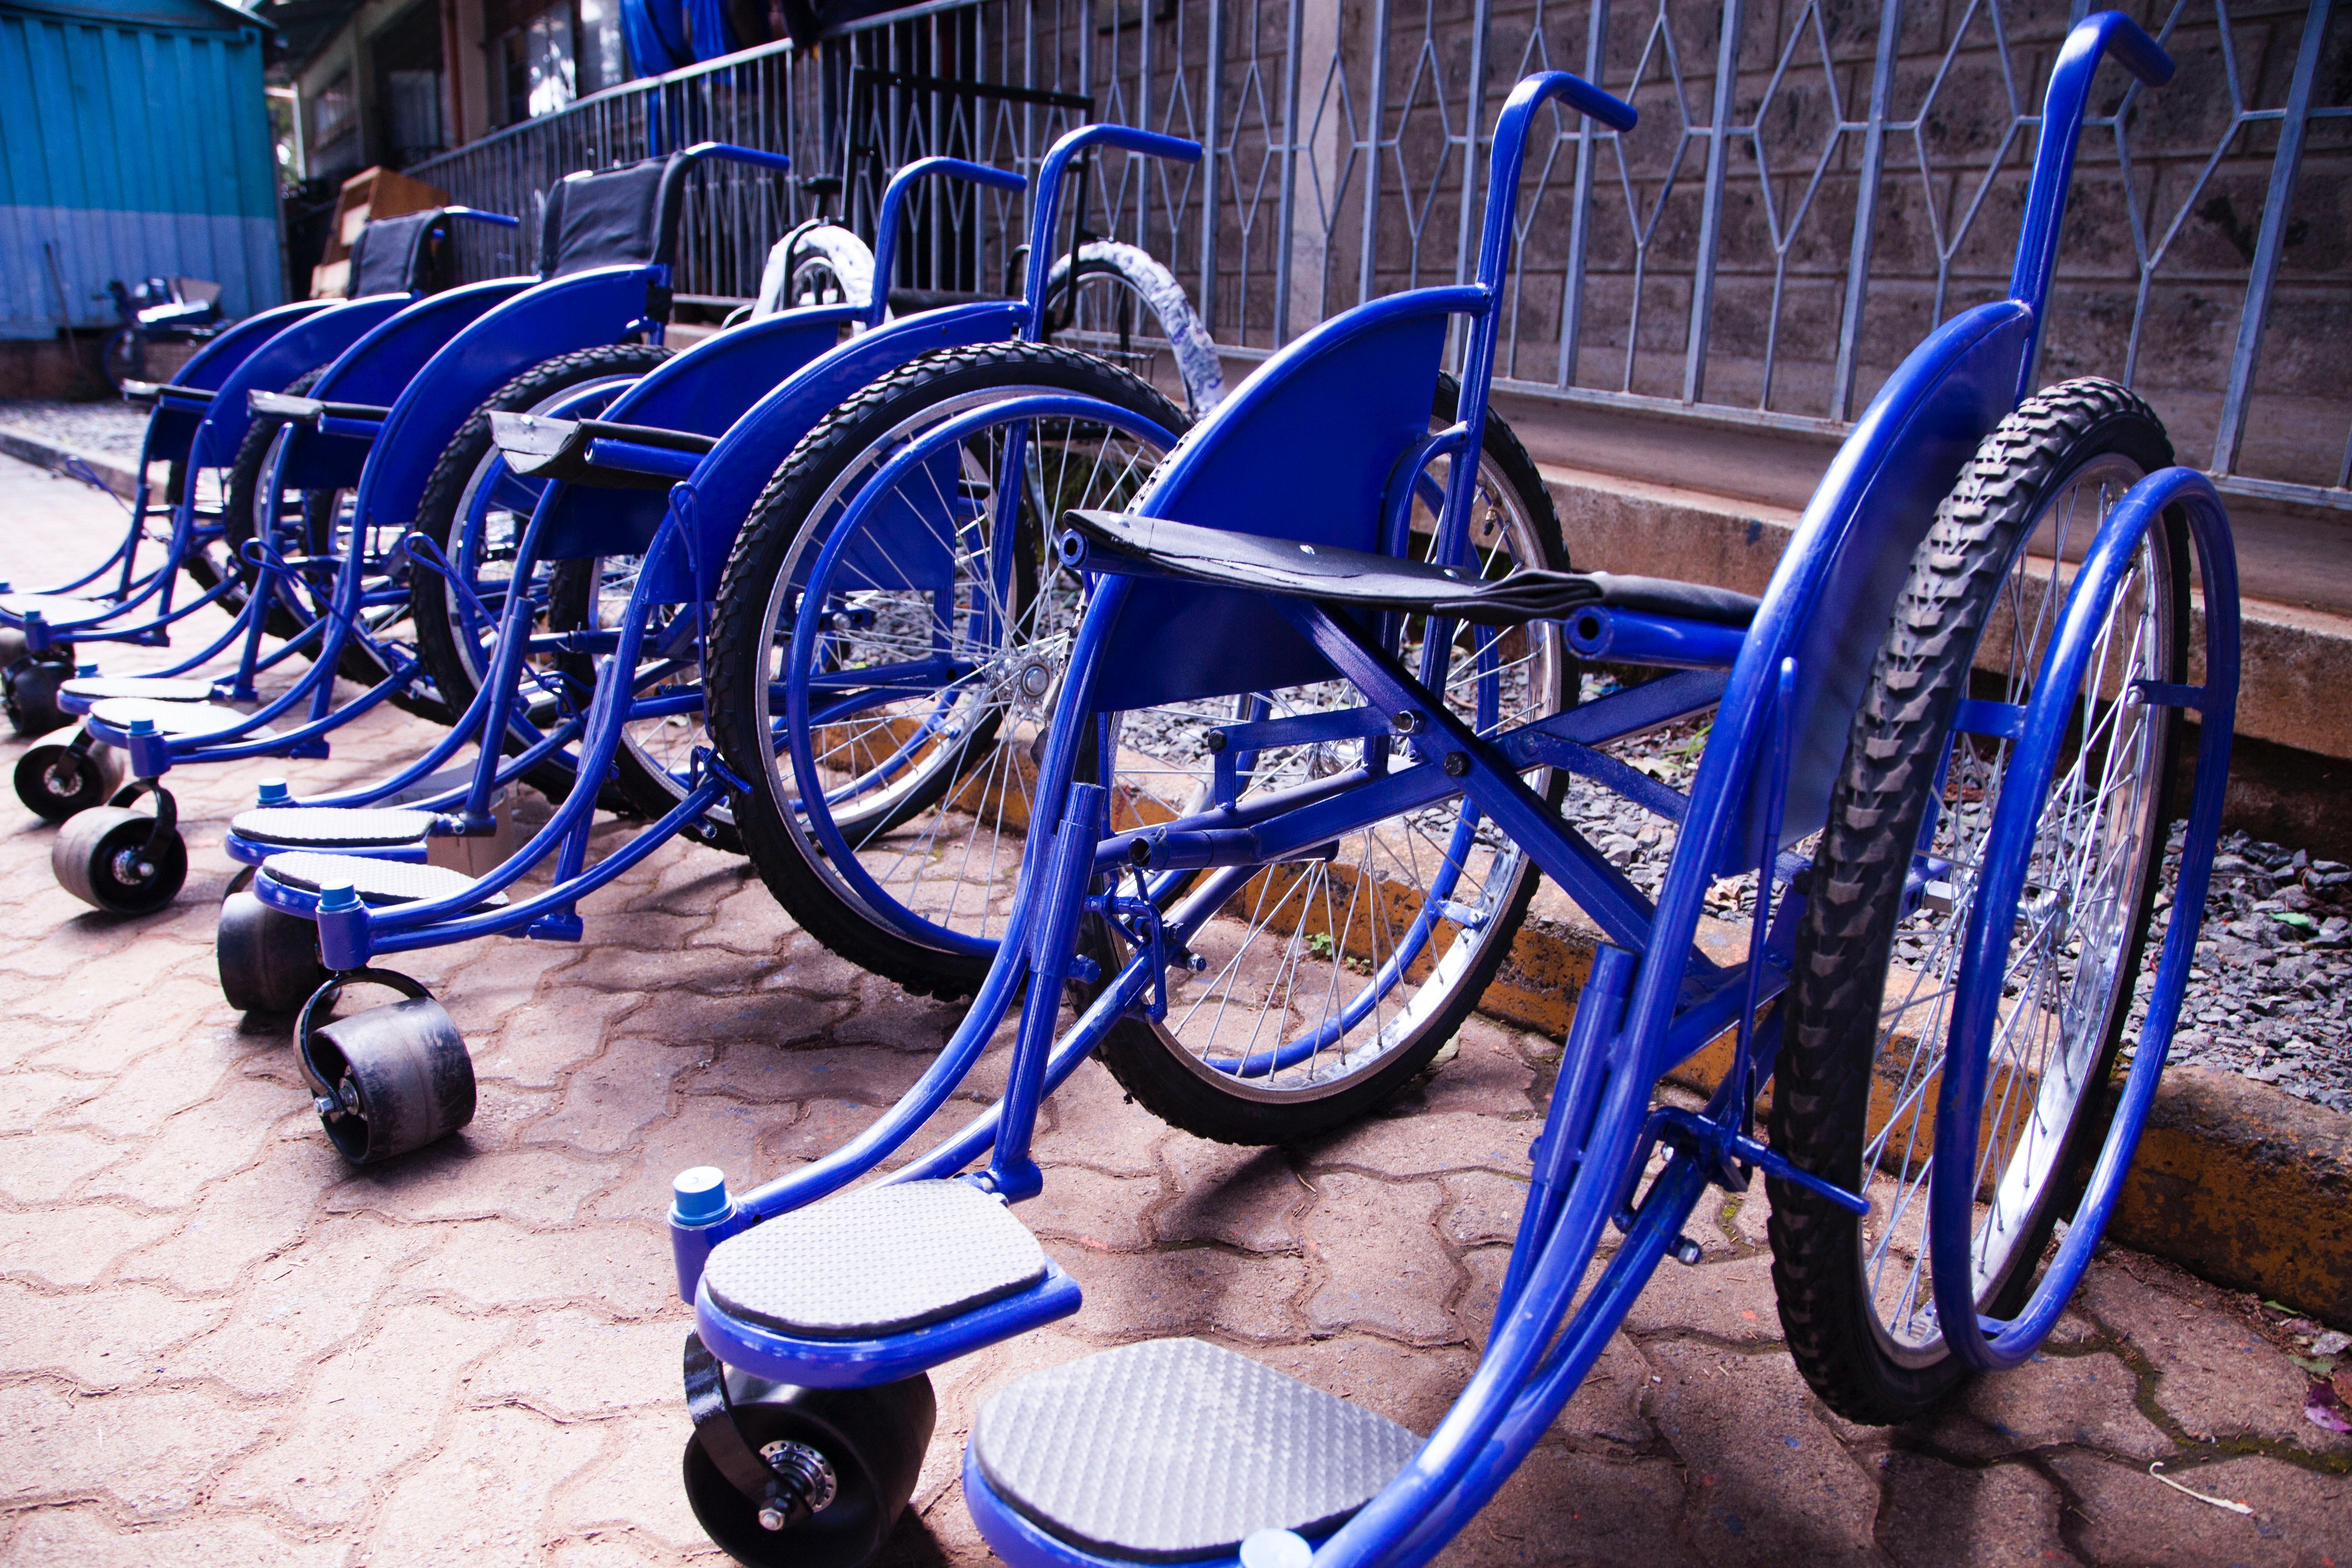 Blue Wheel Chairs, Steel, Wheels, Wheelchair, Wheel, HQ Photo